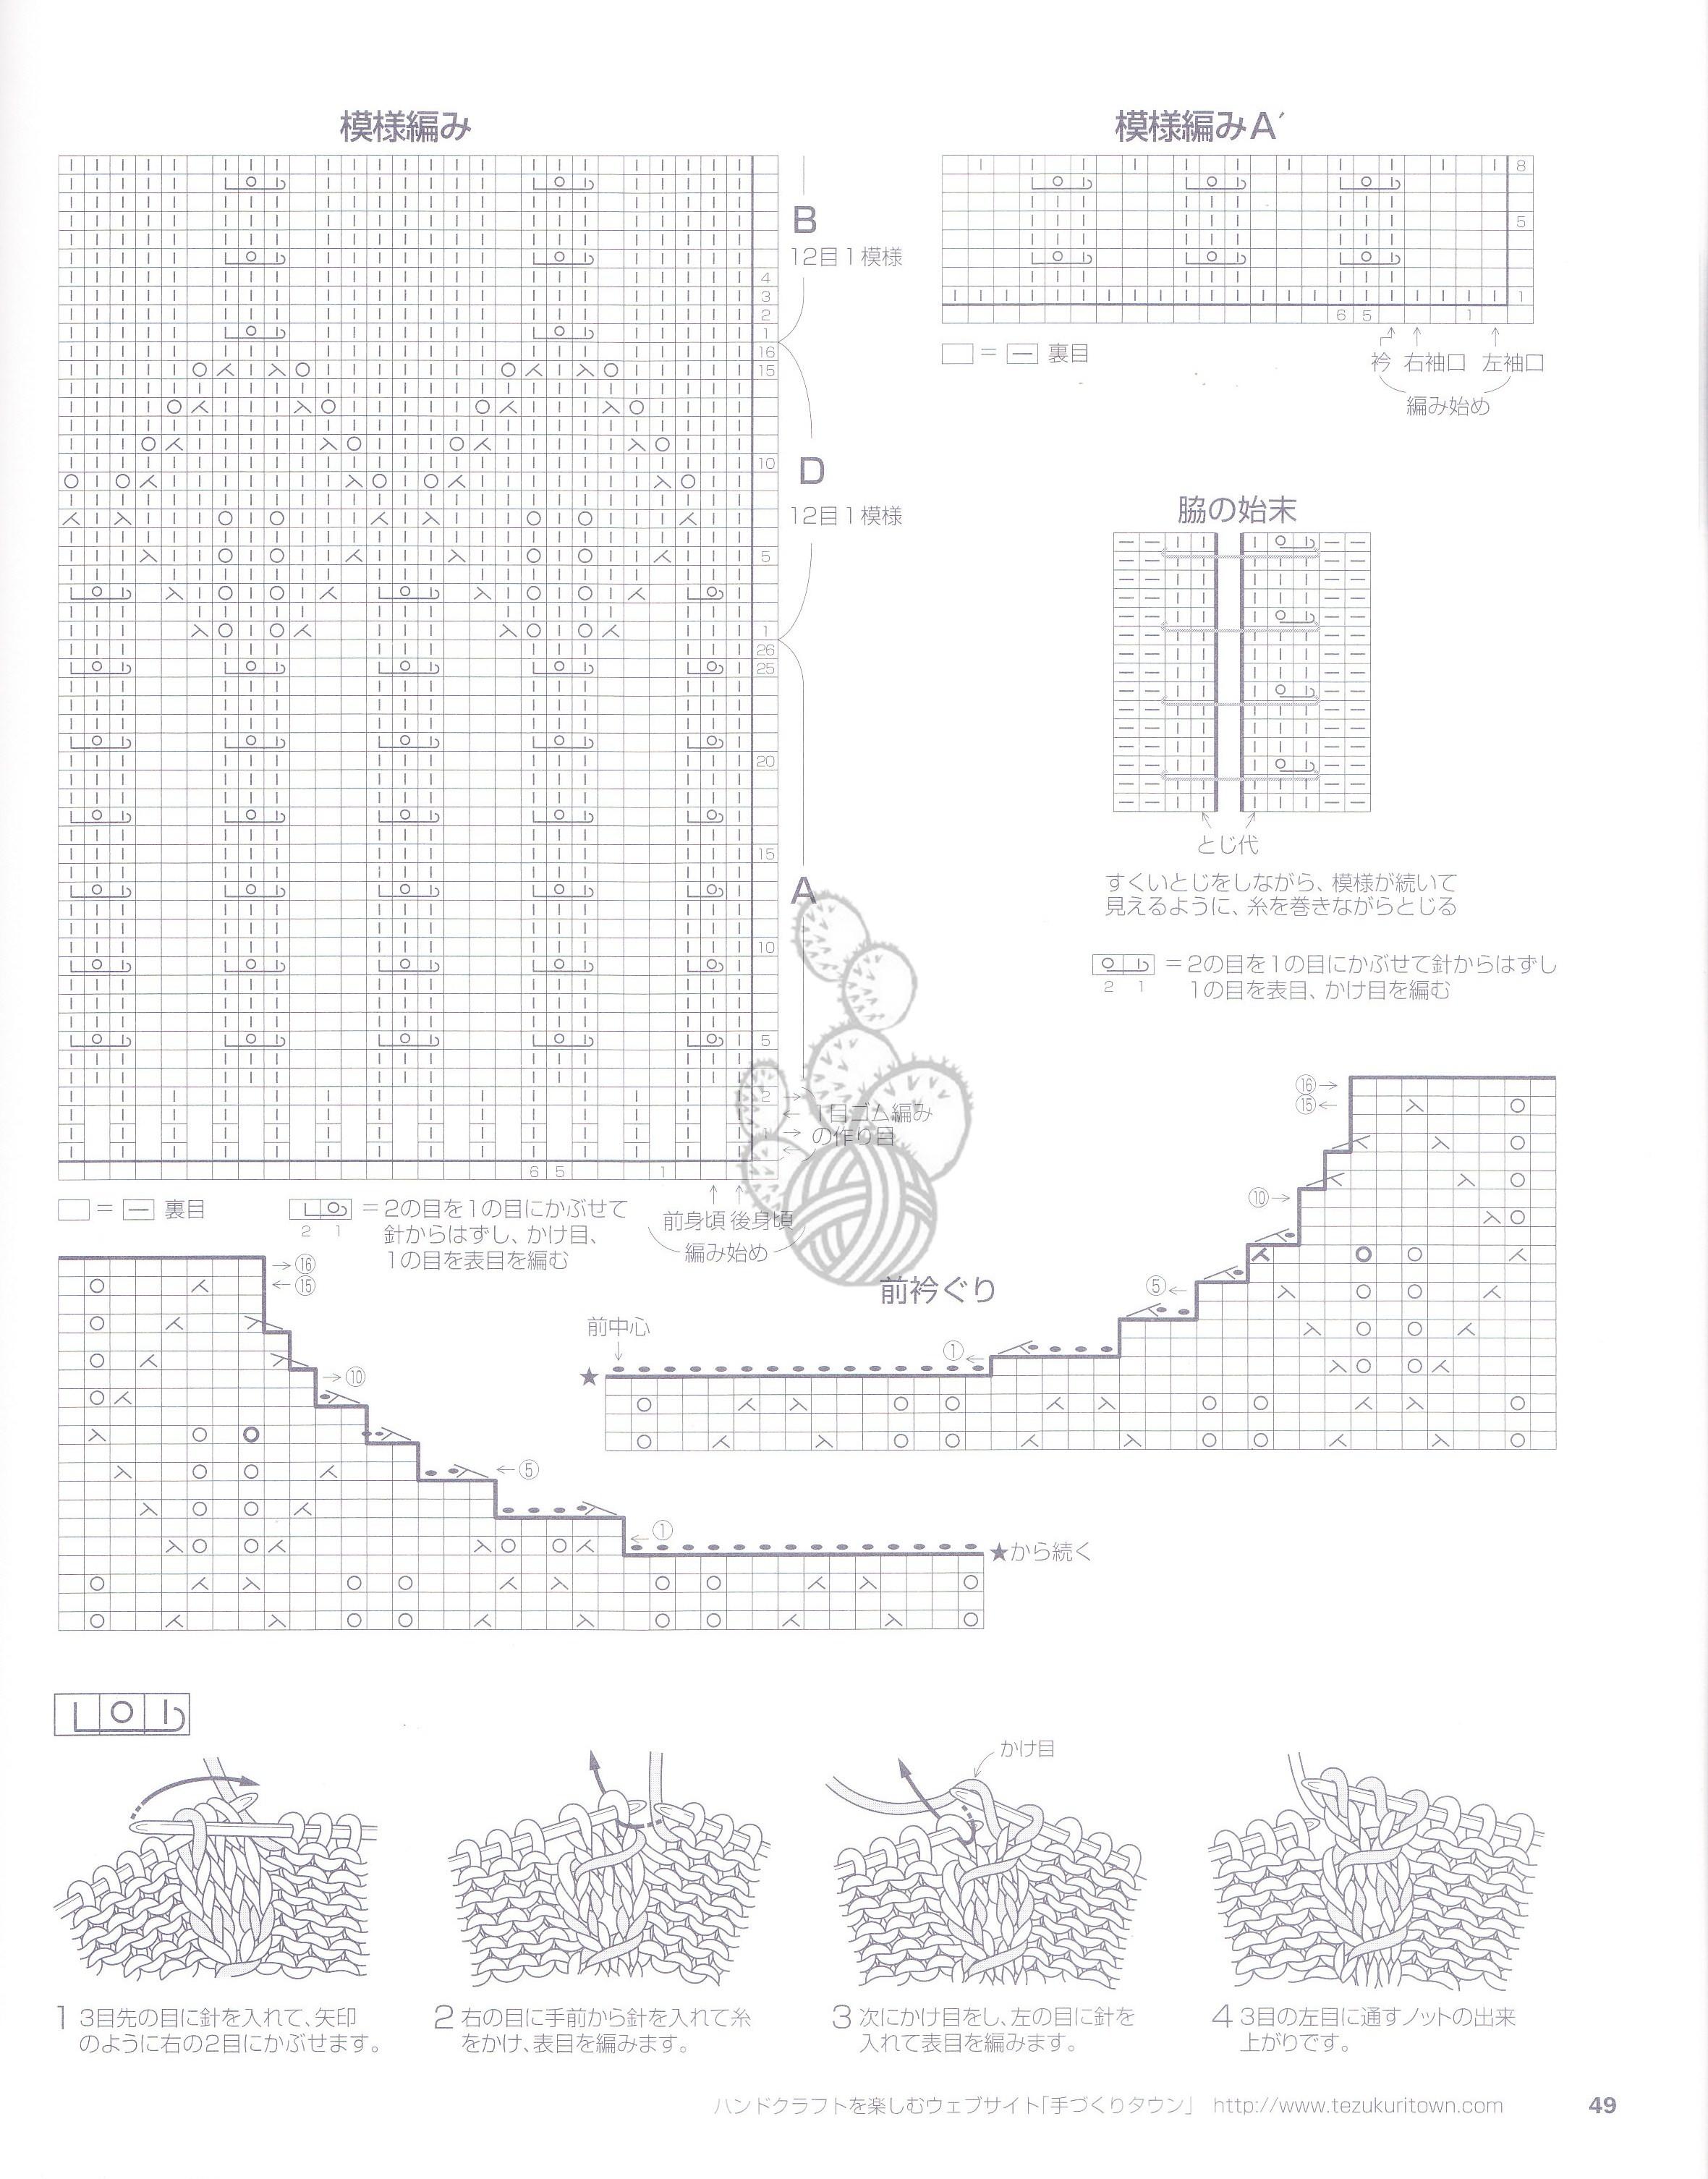 NV80258-0049.jpg